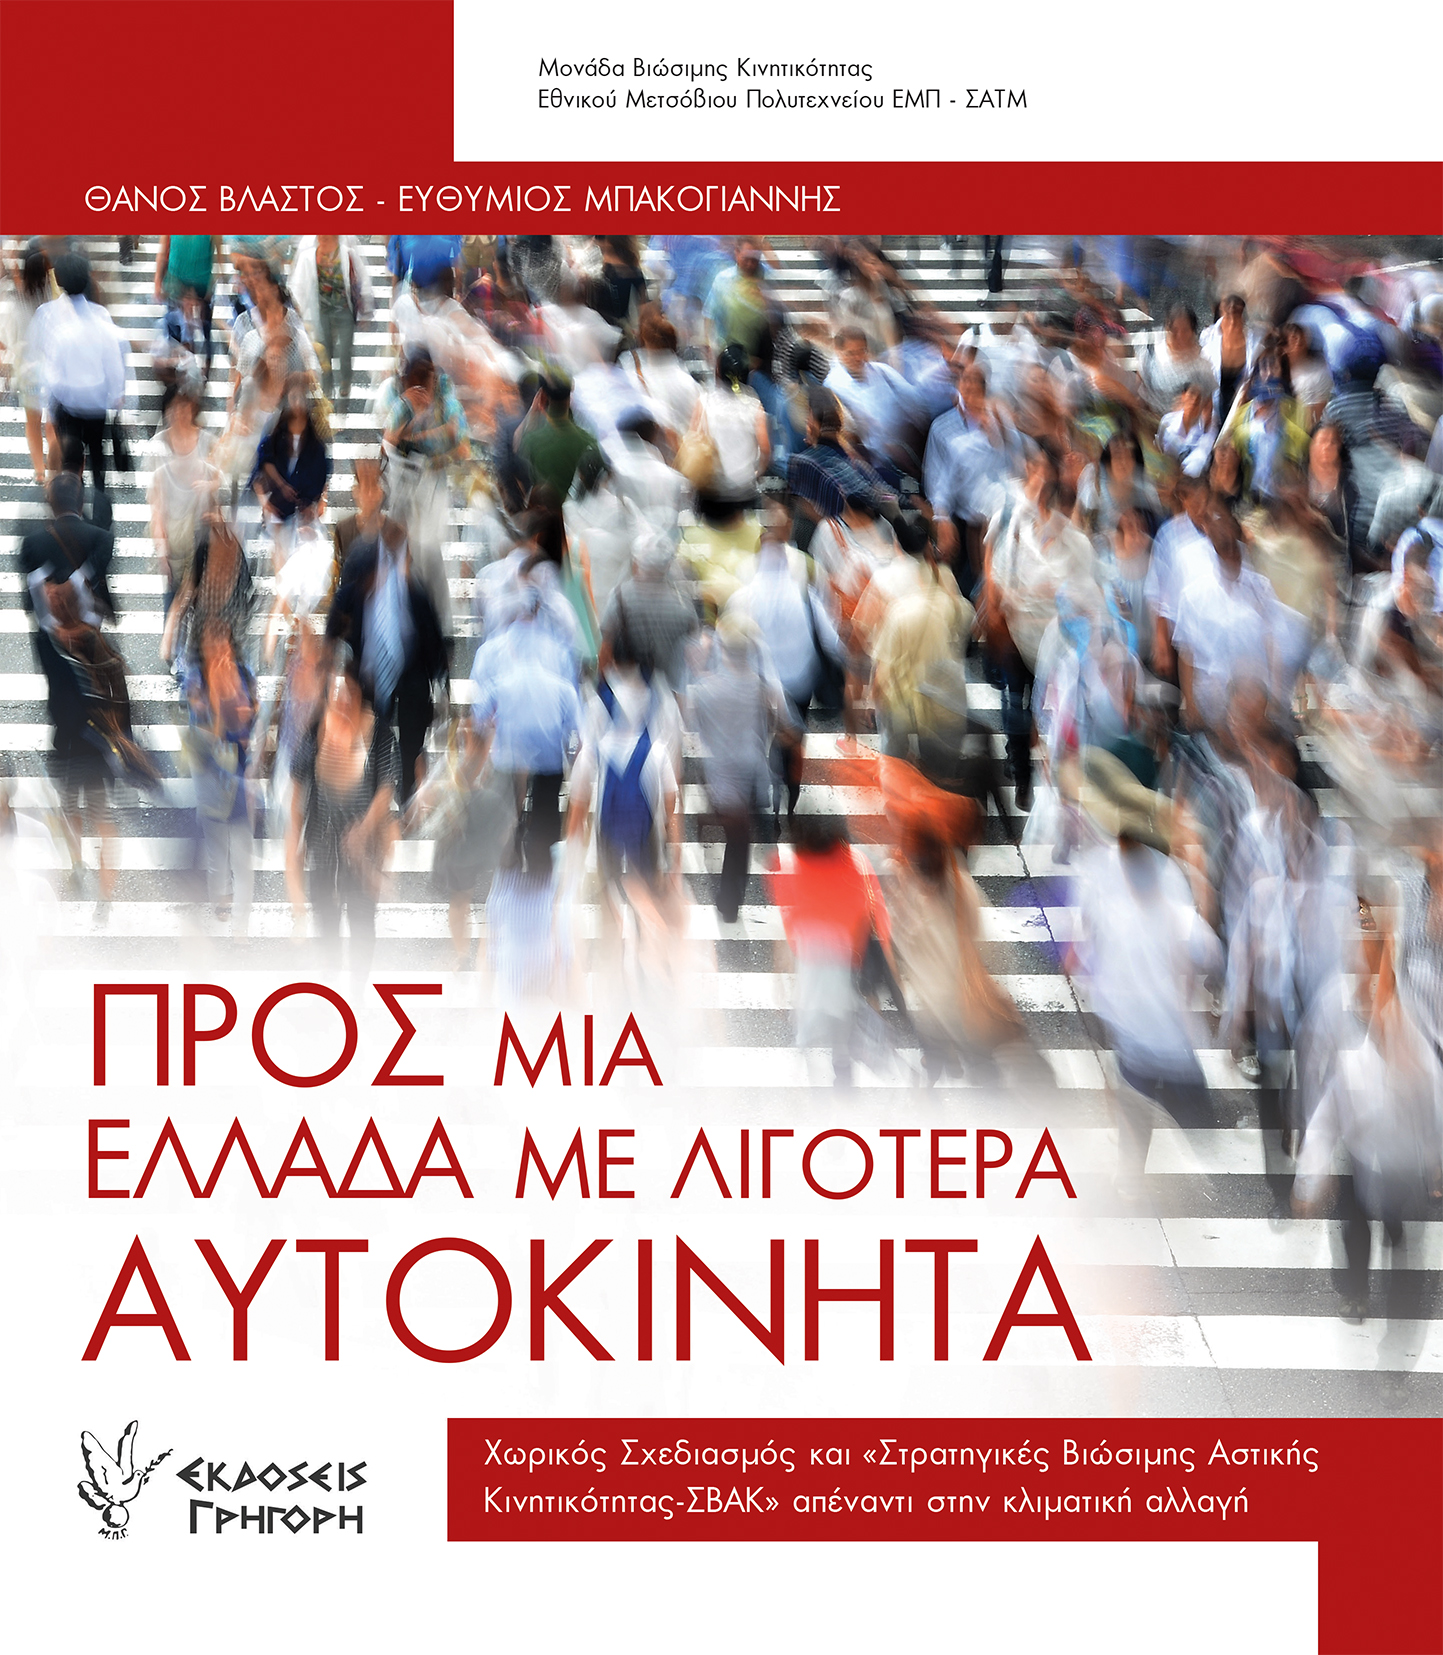 Προς μια Ελλάδα με λιγότερα αυτοκίνητα